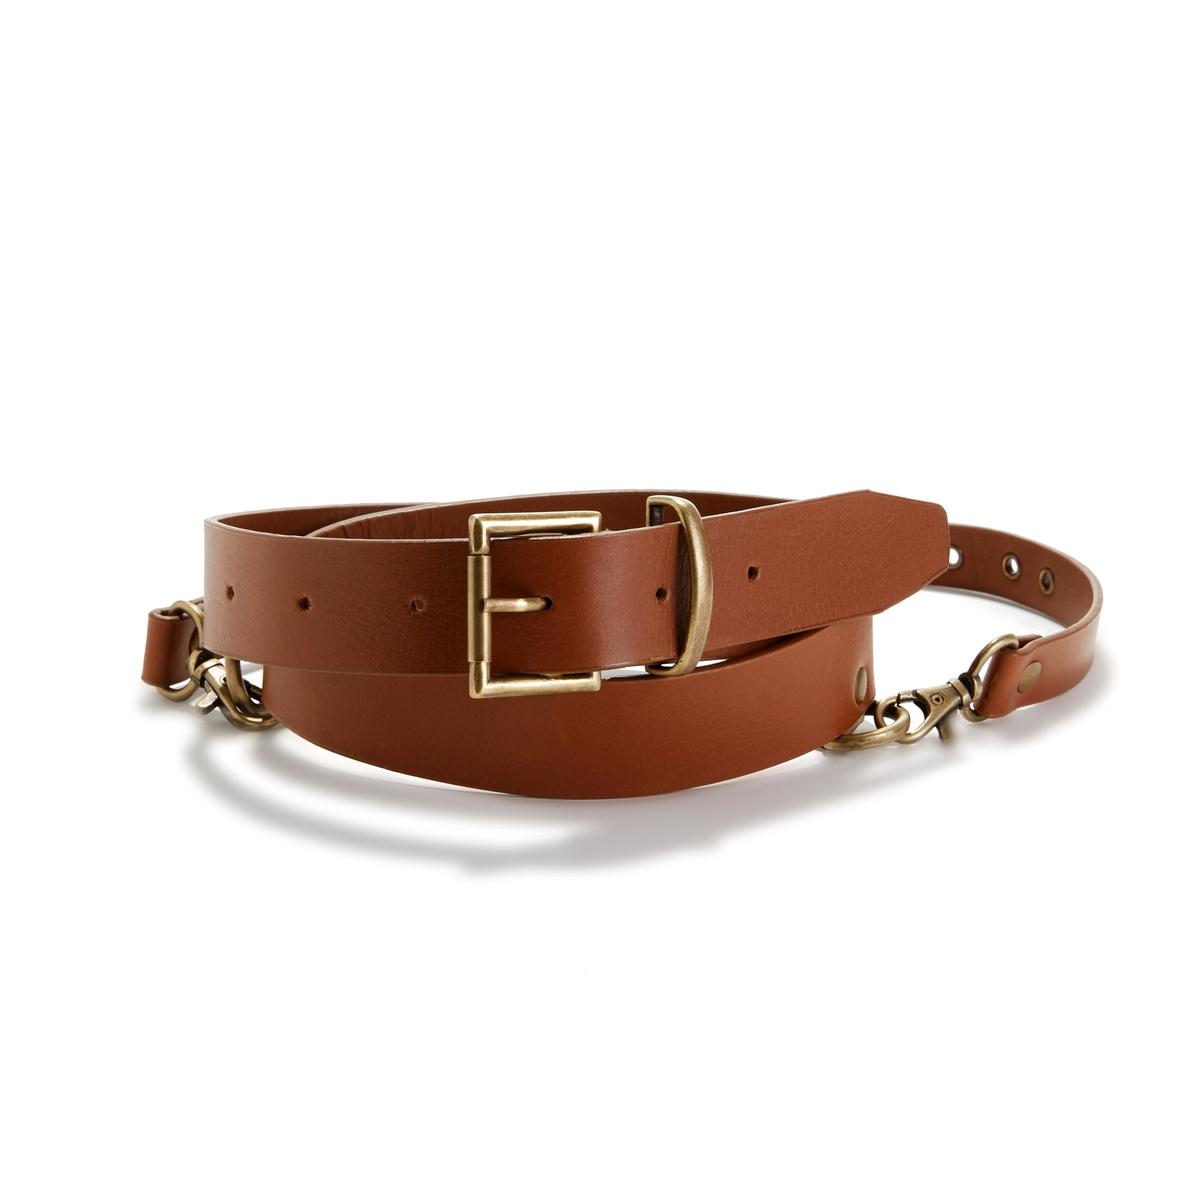 Cinturón con arnés de piel